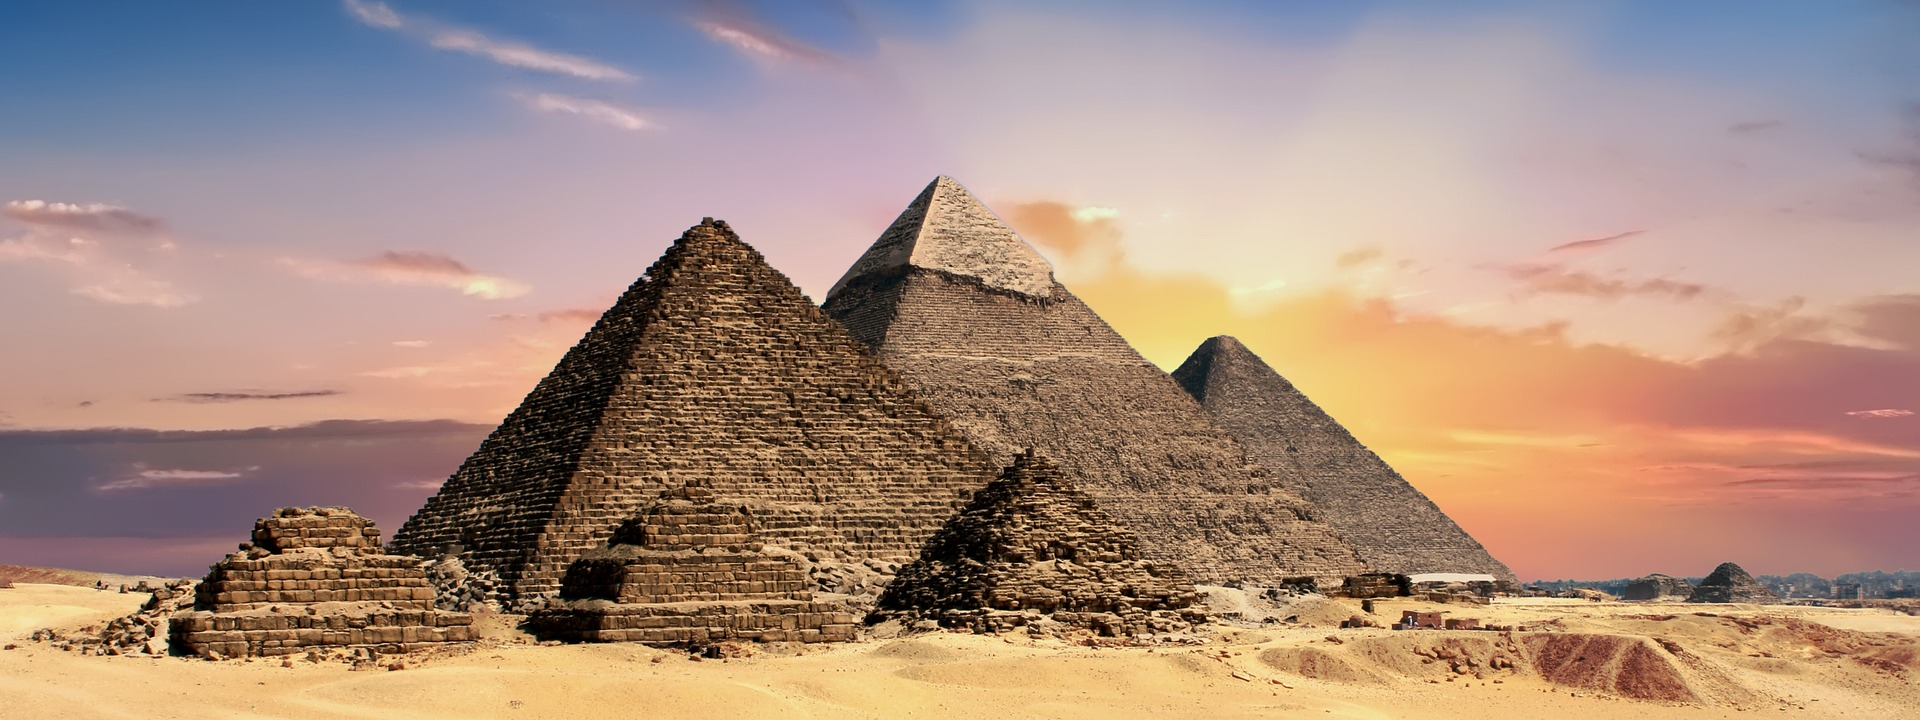 pyramids.jpg